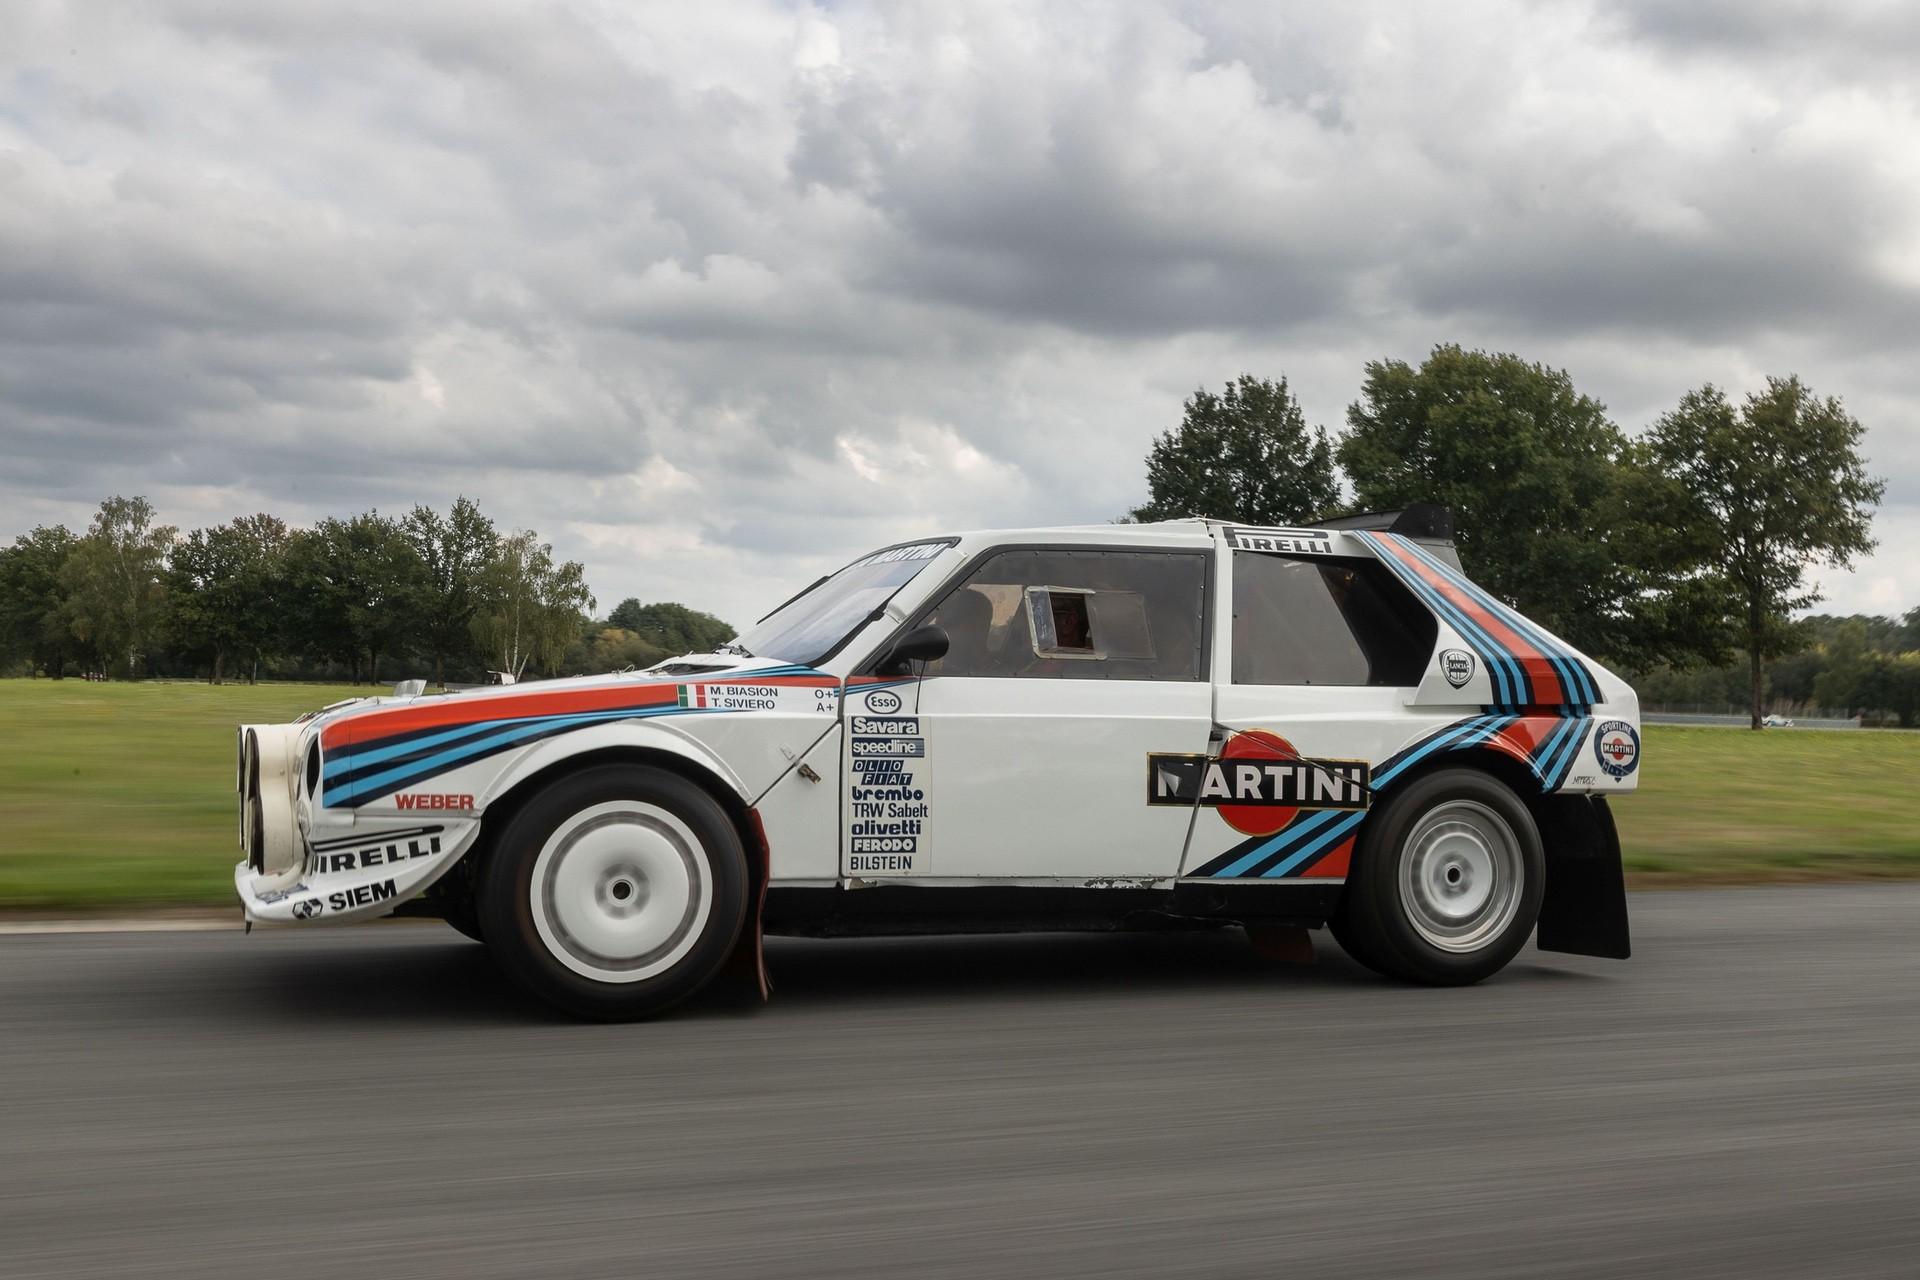 1986_Lancia_Delta_S4_sale-0036